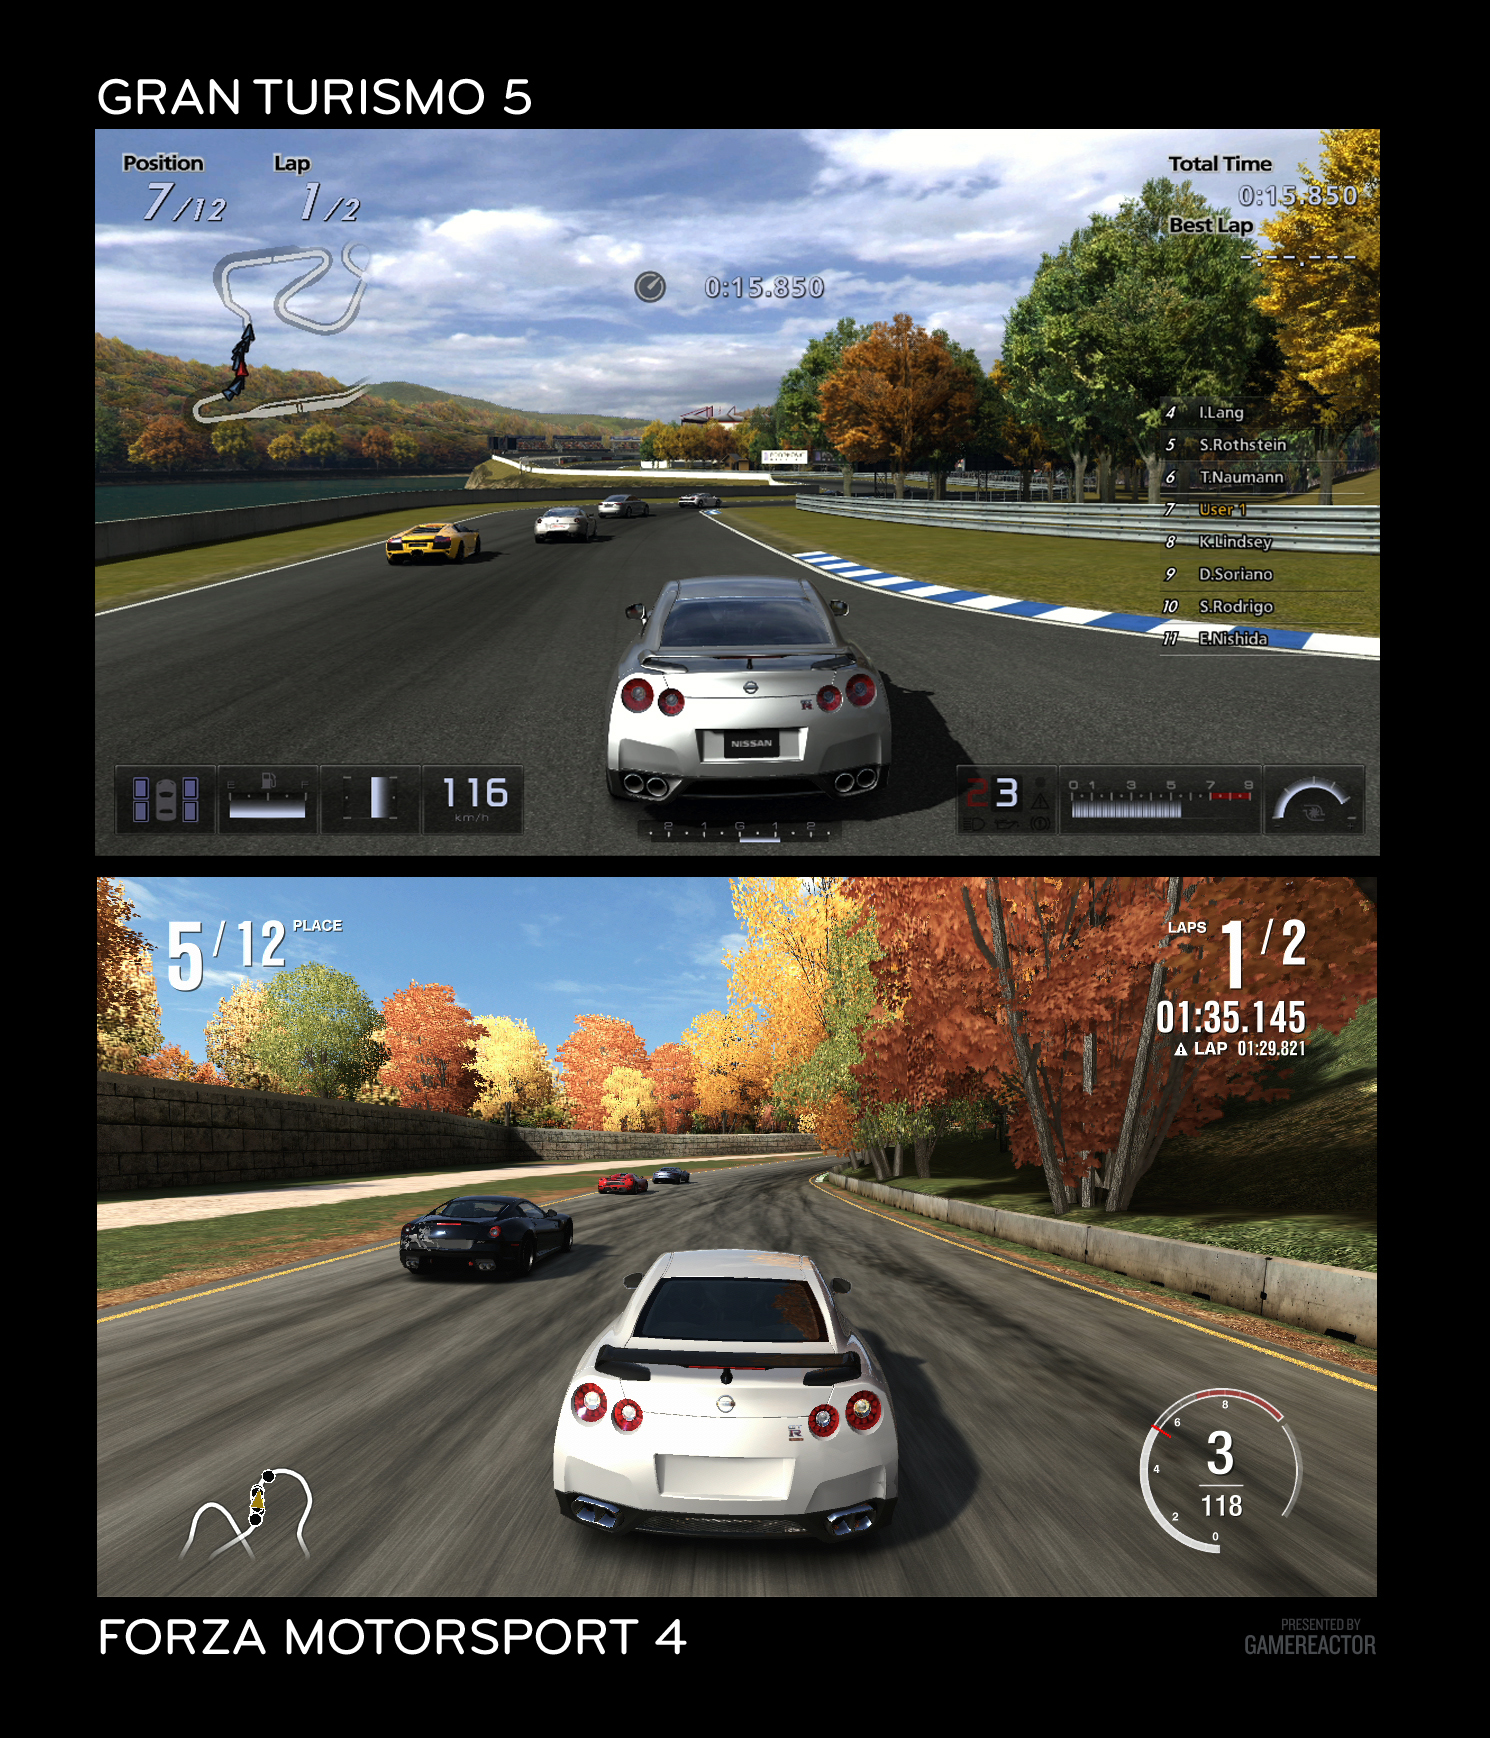 Forza 4 Vs Gran Turismo 5